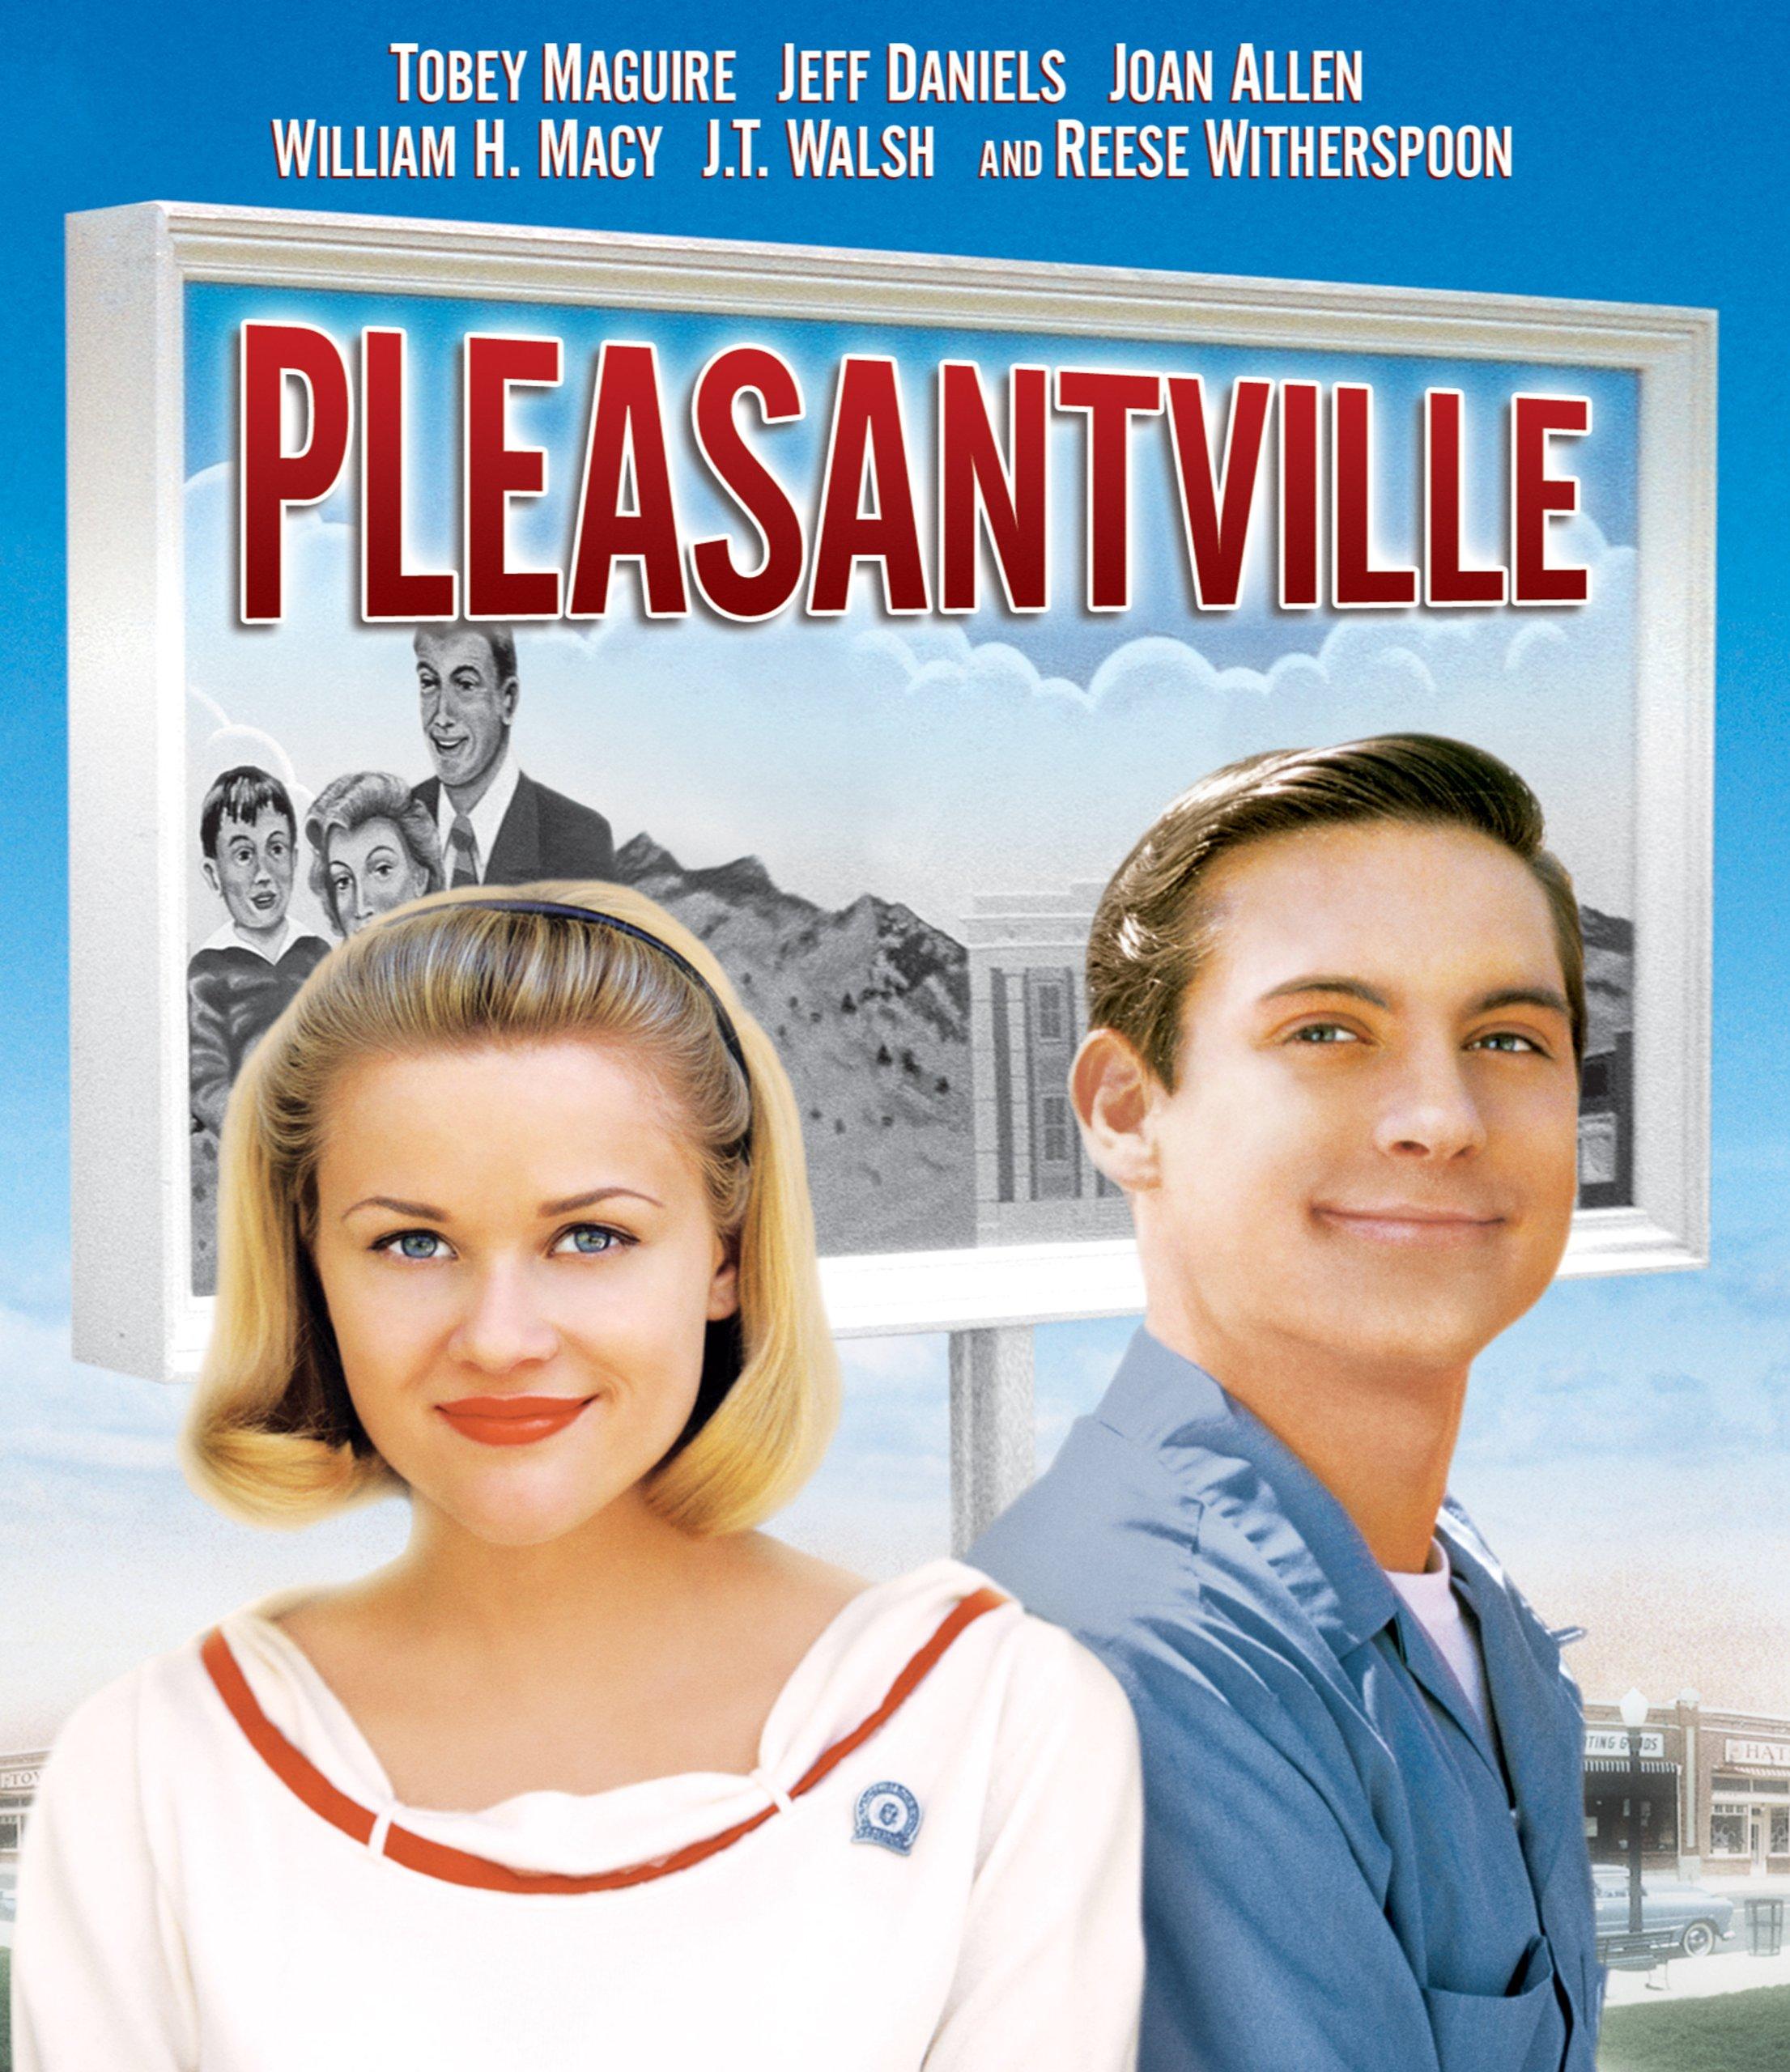 Pleasantville movie online free